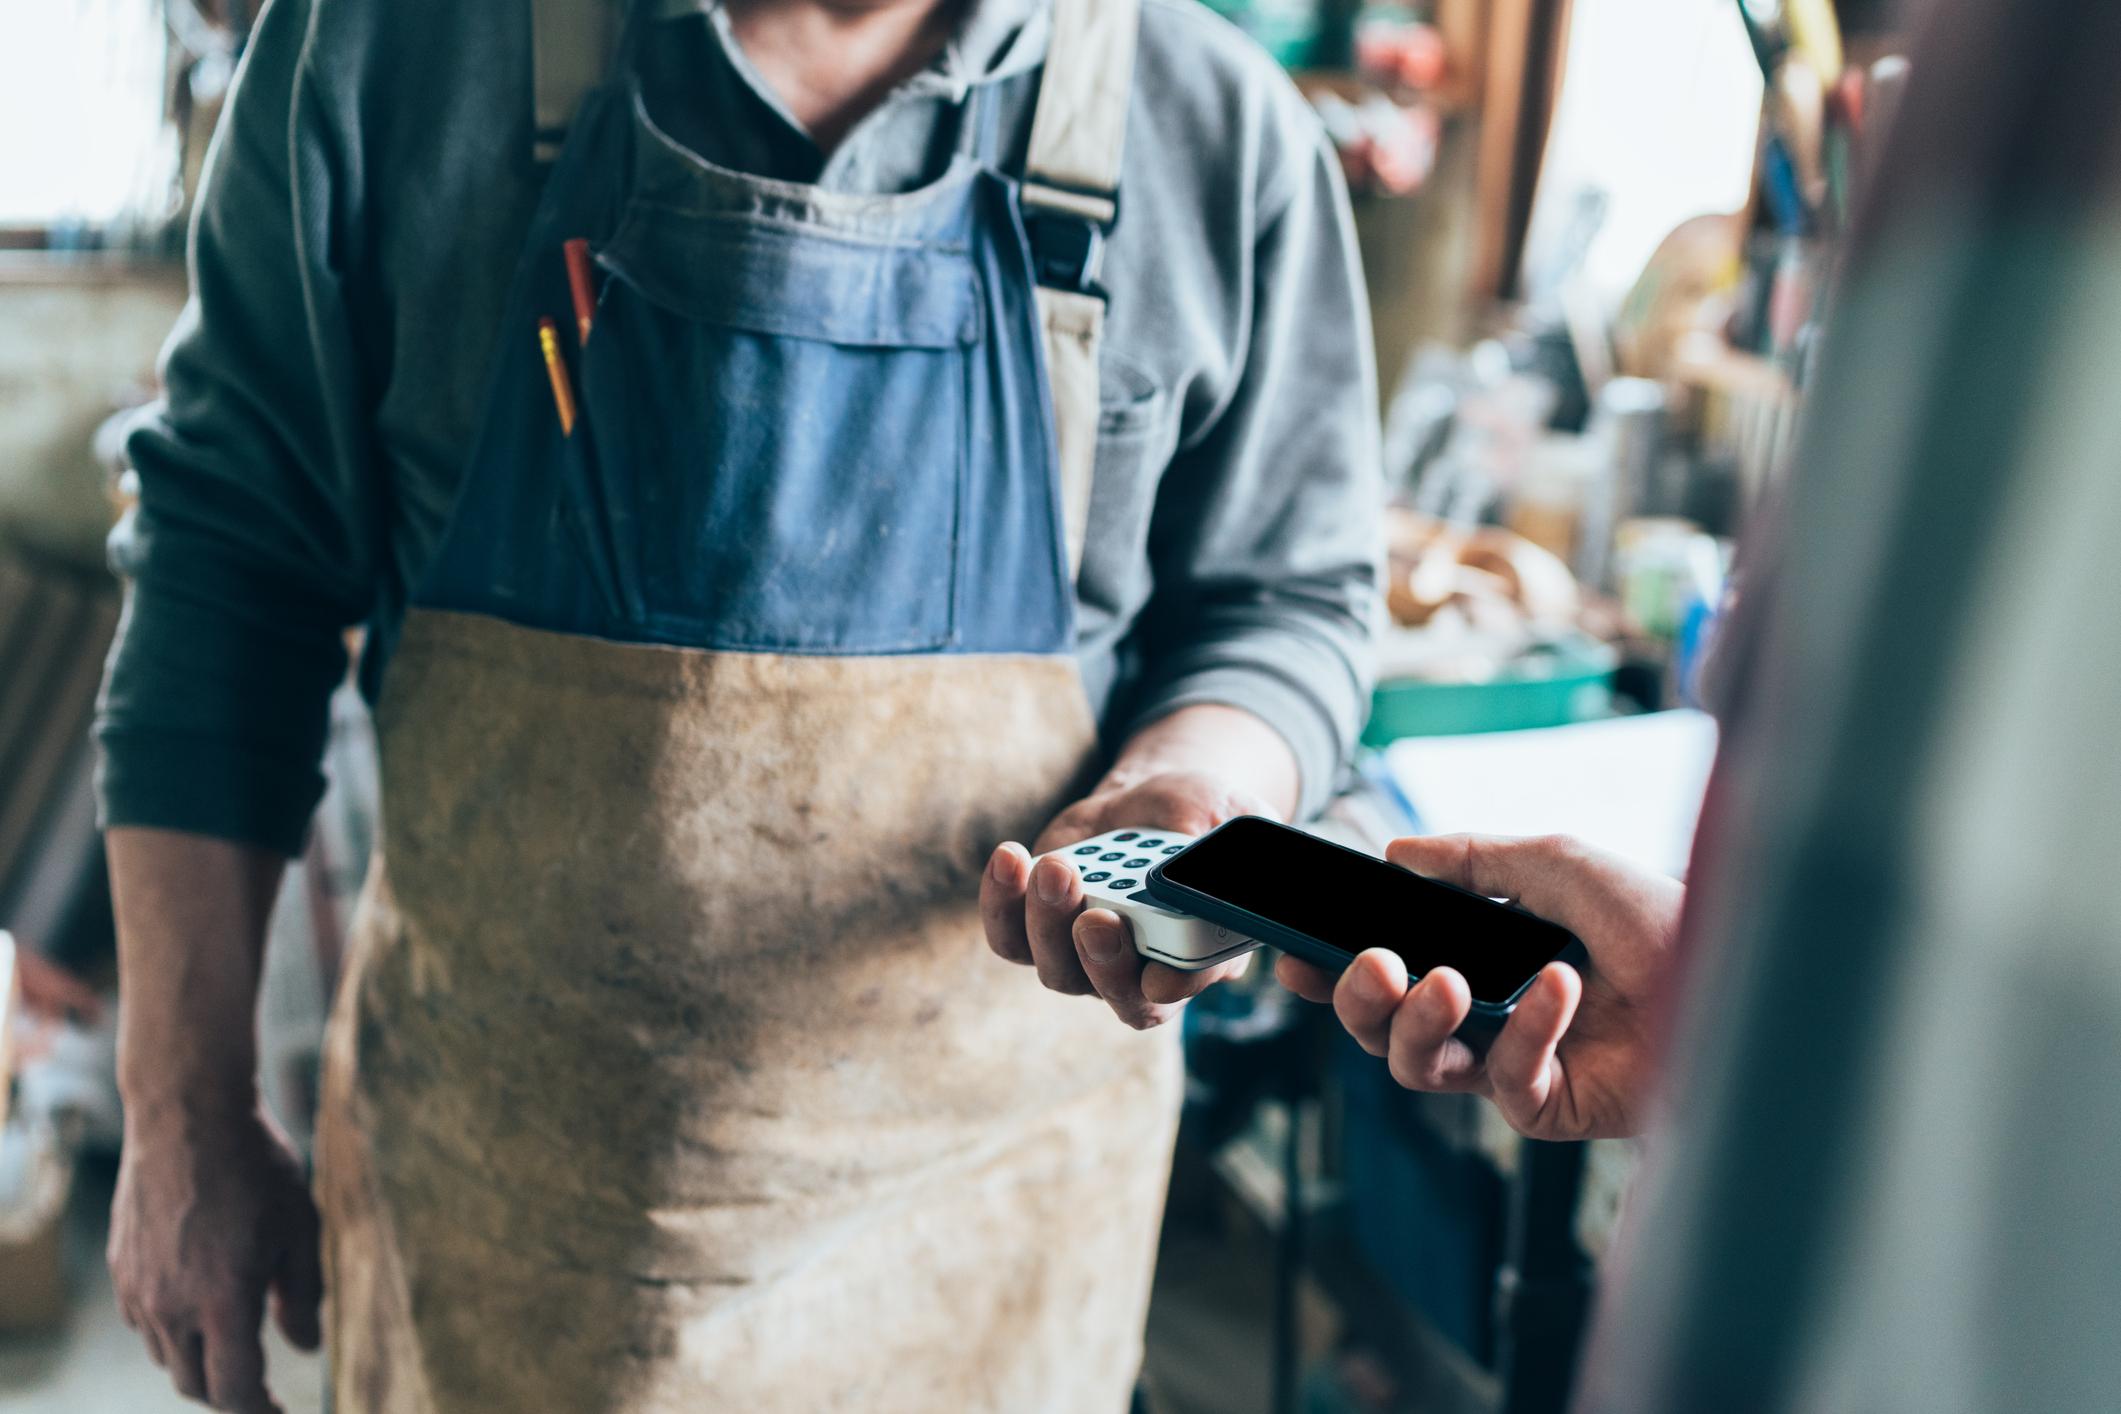 Käsityöläinen veloittaa asiakasta, joka maksaa puhelimellaan.